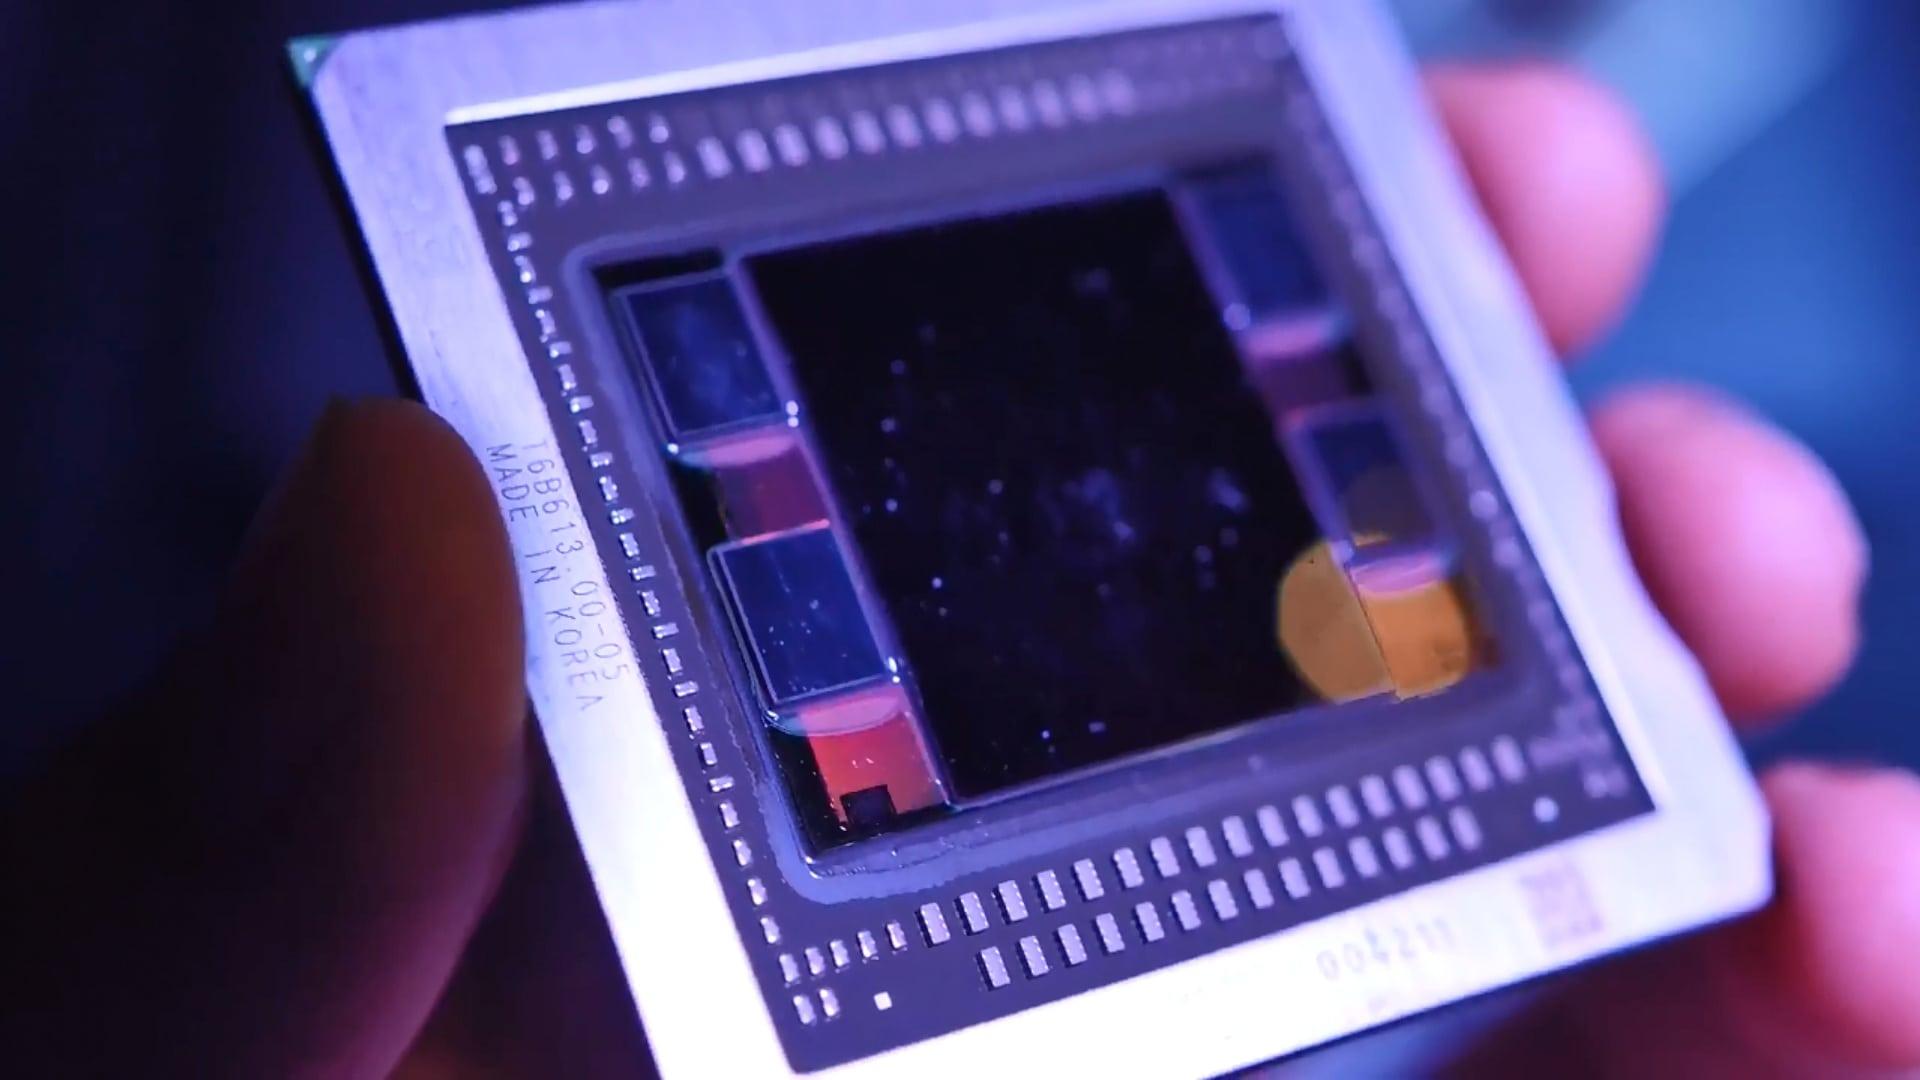 Silicon تردد المعالجات المركزية